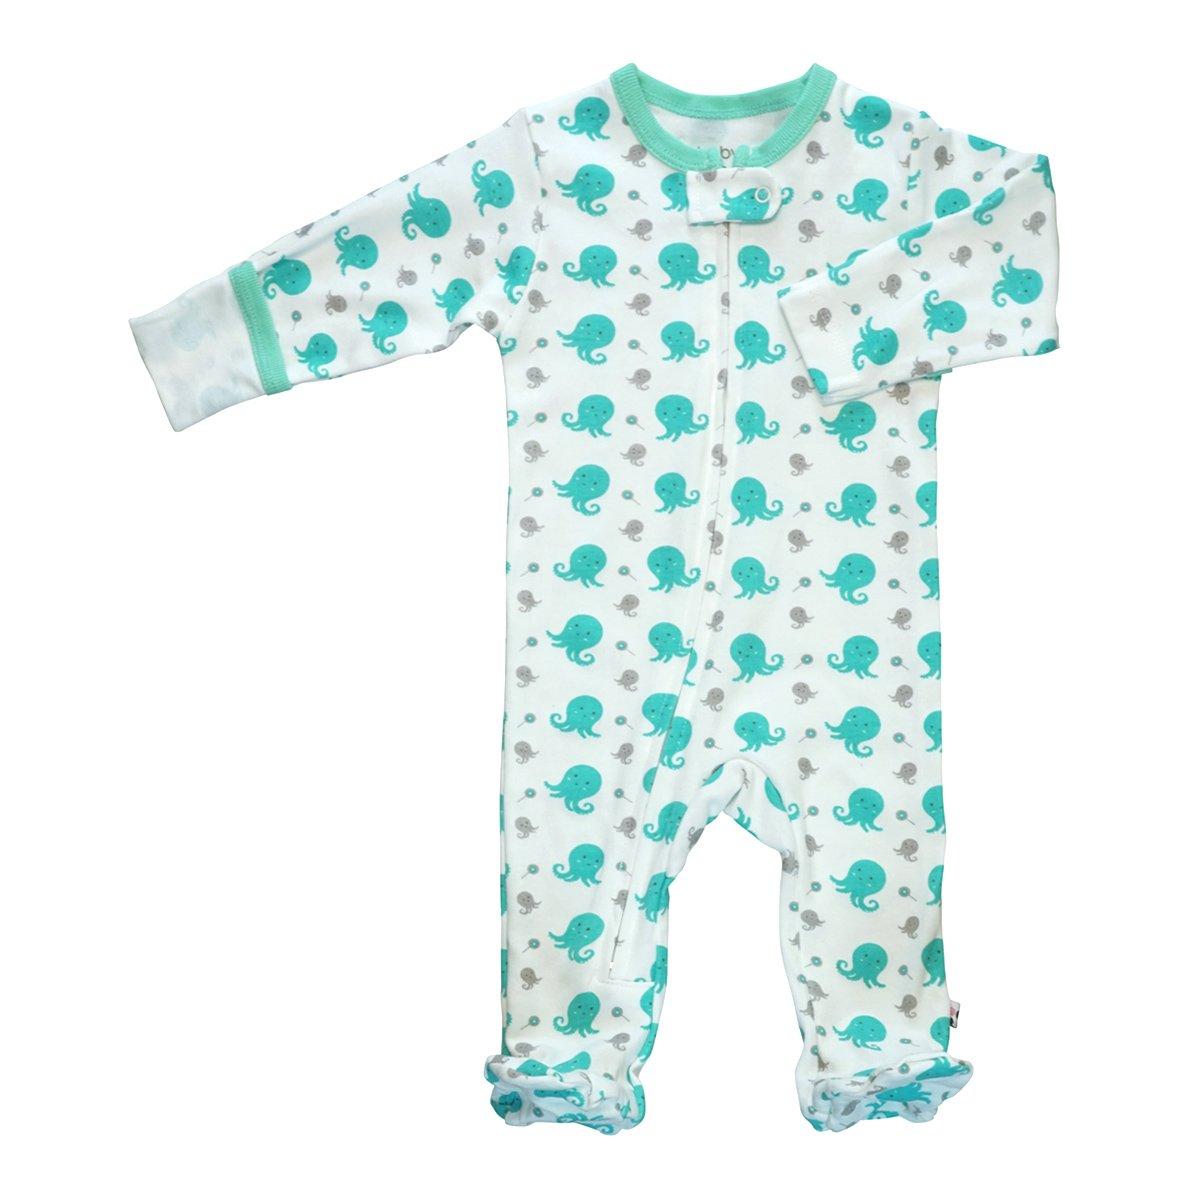 値引きする Babysoy SLEEPWEAR ユニセックスベビー 6 B0731NL4BB タコ 6 6 - 12 Months|タコ Months 6 - 12 Months|タコ, 脊振村:a1c5ef86 --- vanhavertotgracht.nl